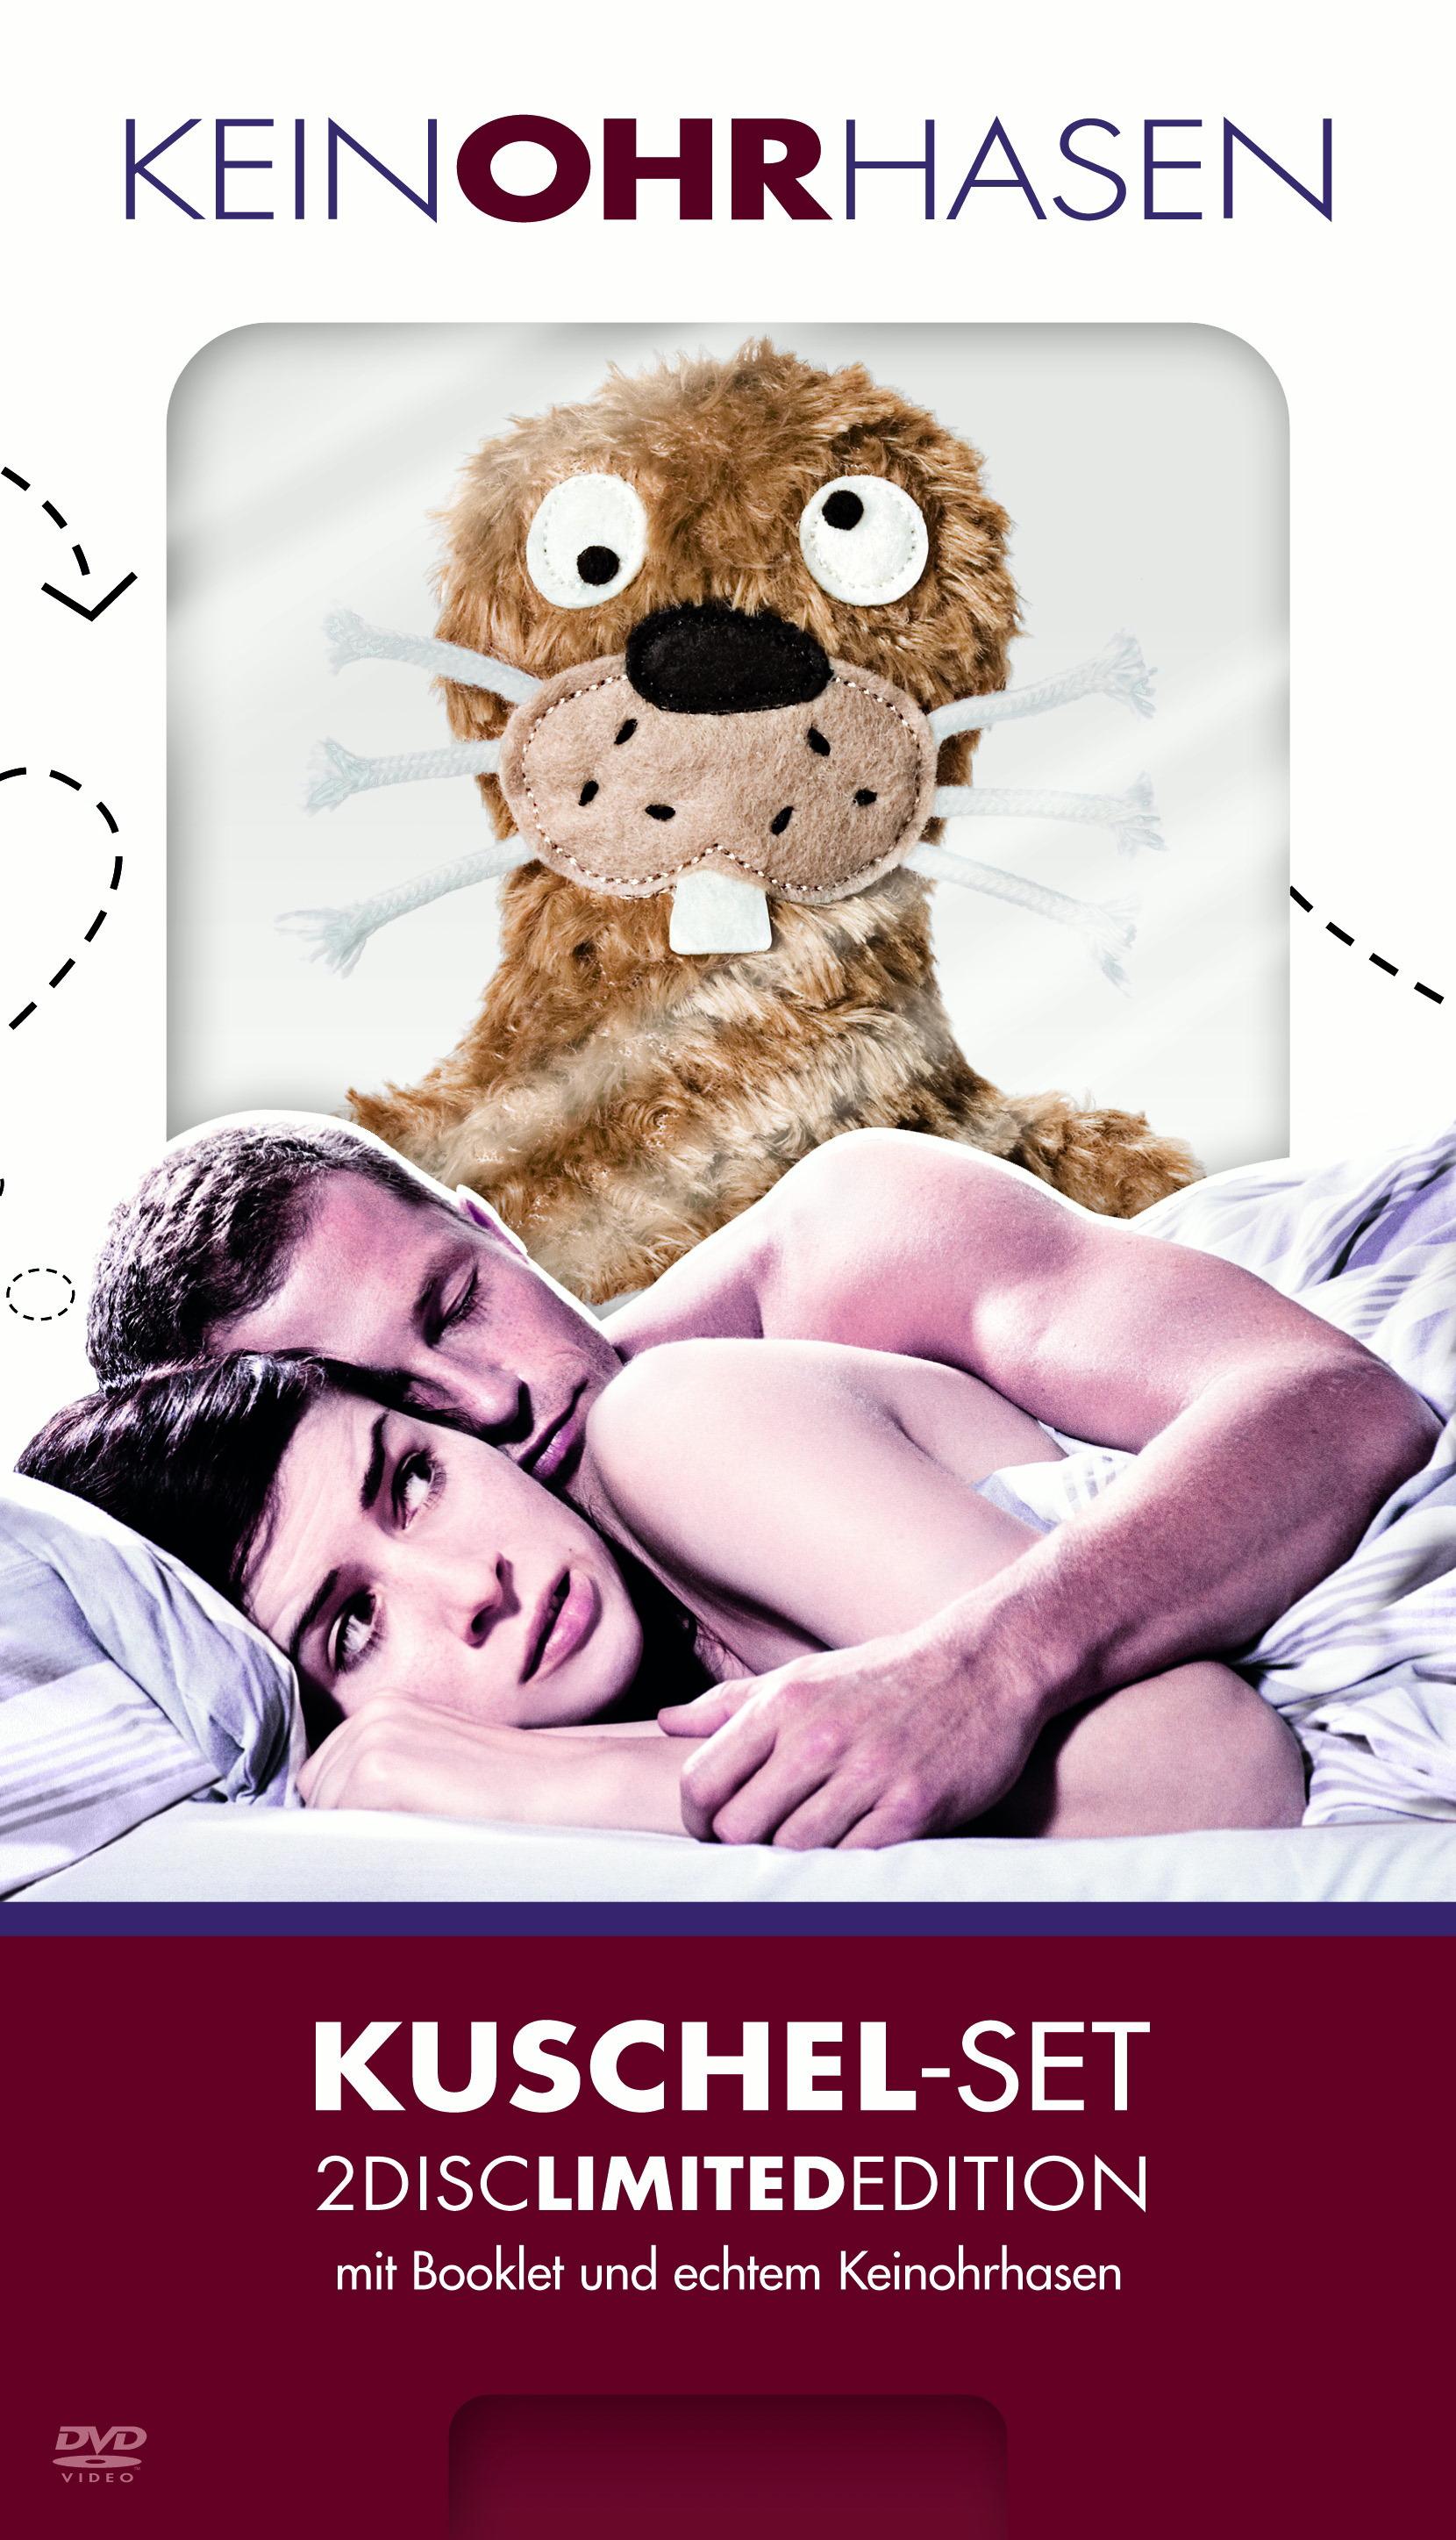 Keinohrhasen (Limited Edition, 2 DVDs, Kuschel-Set) Poster